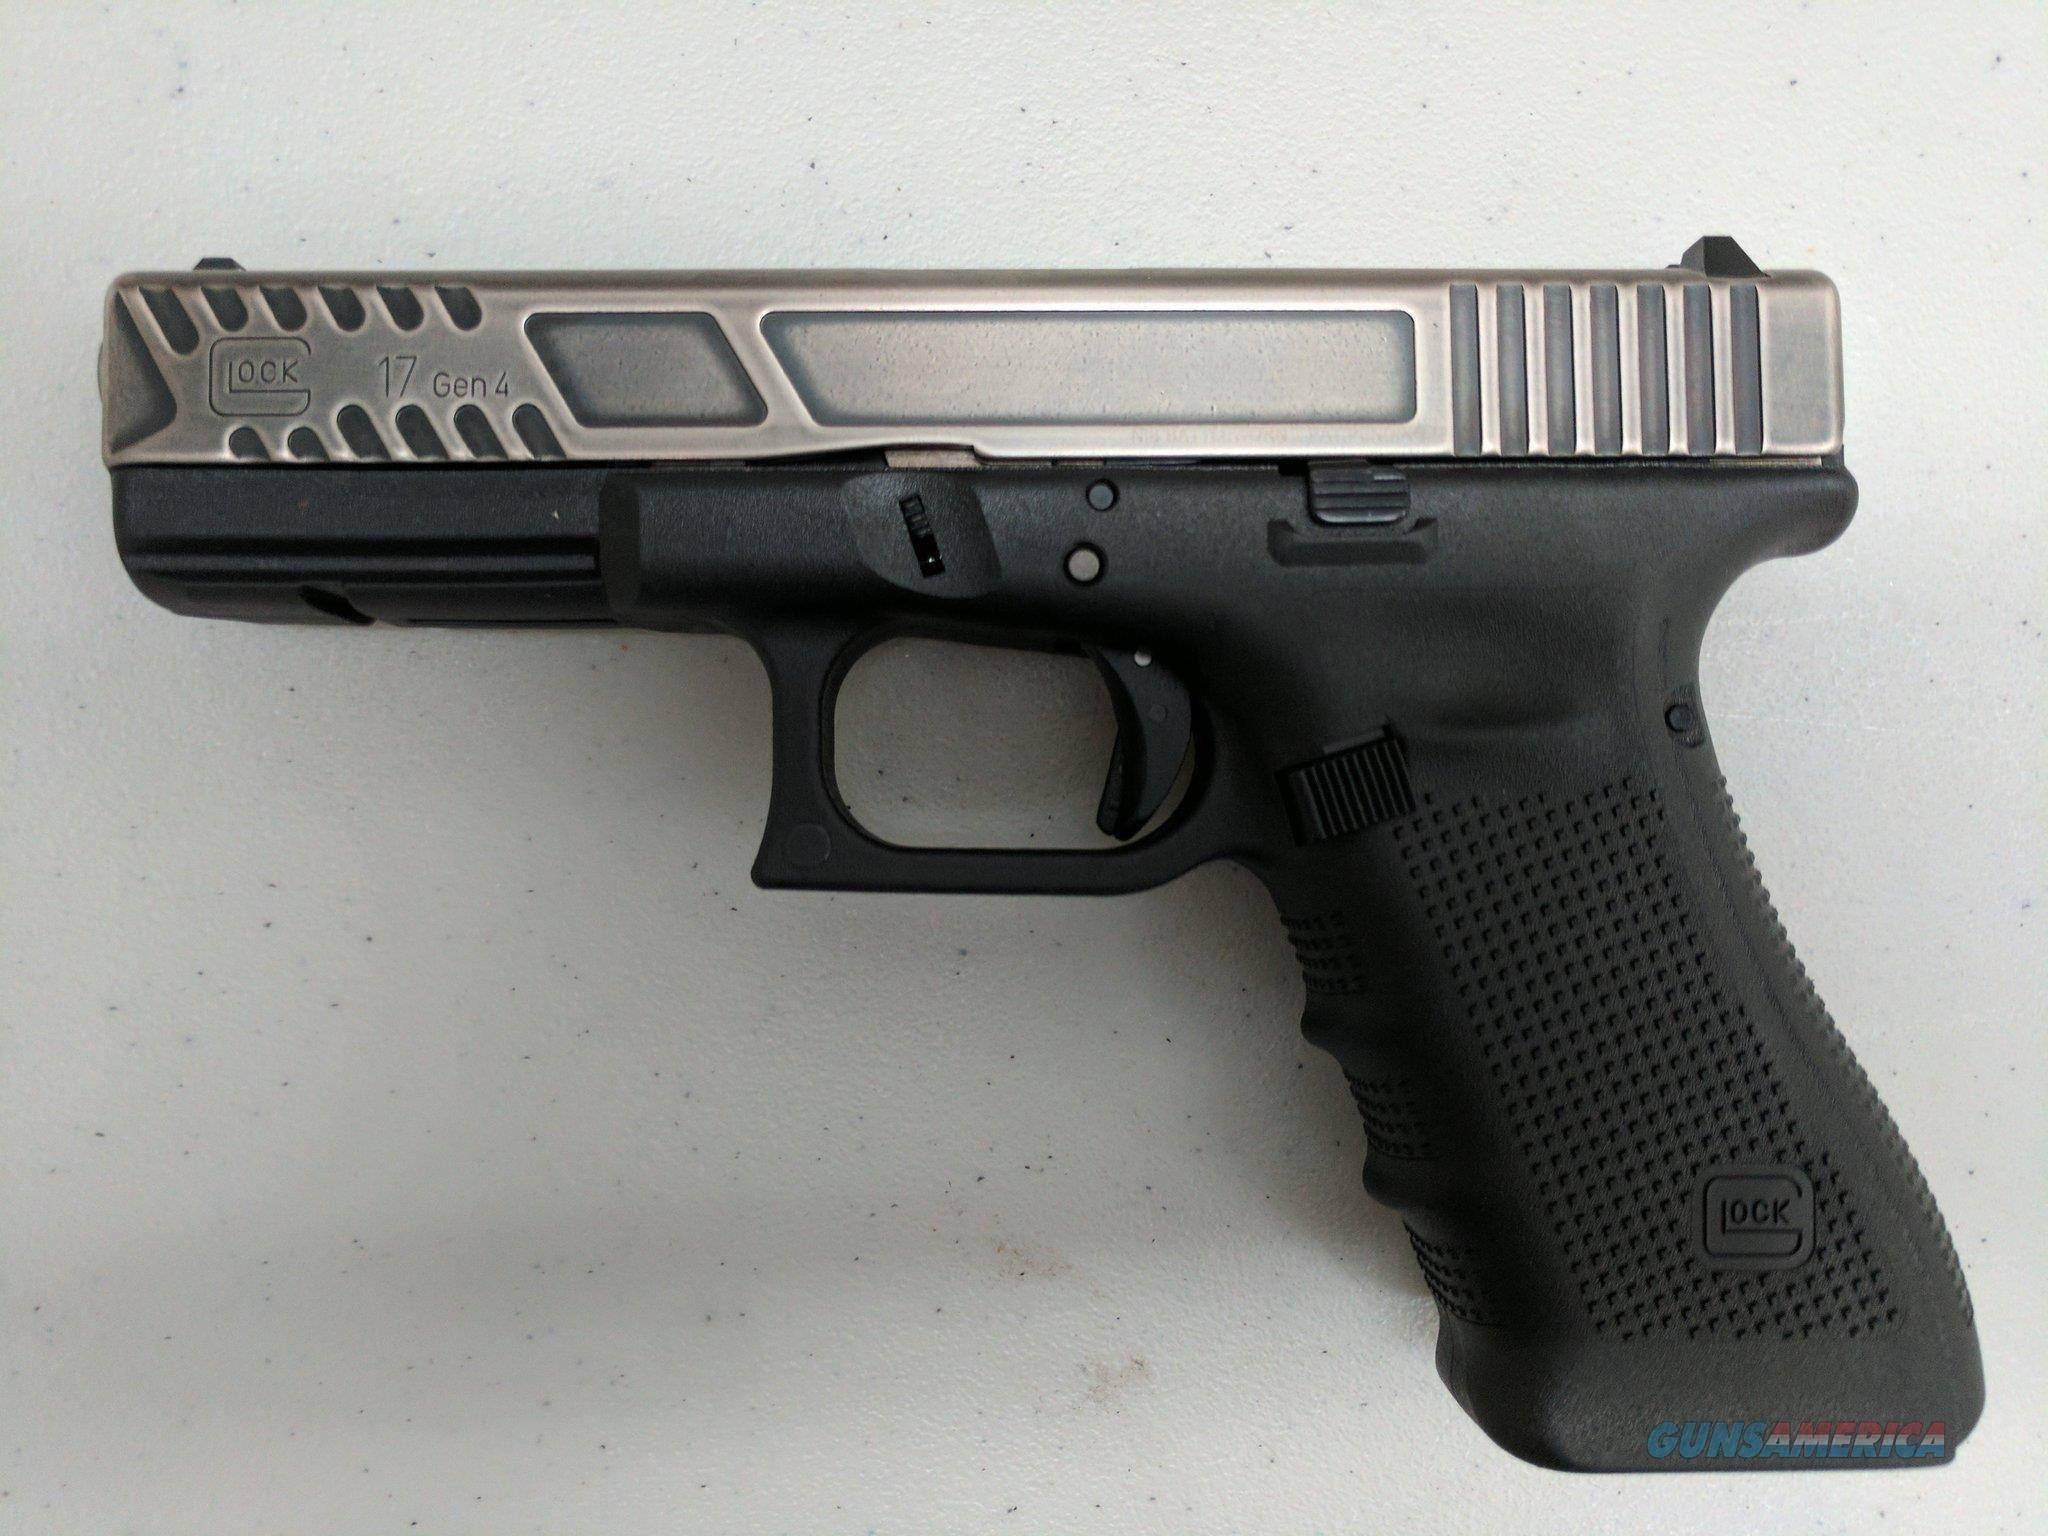 Glock 17 Gen 4 Wallpaper ·①